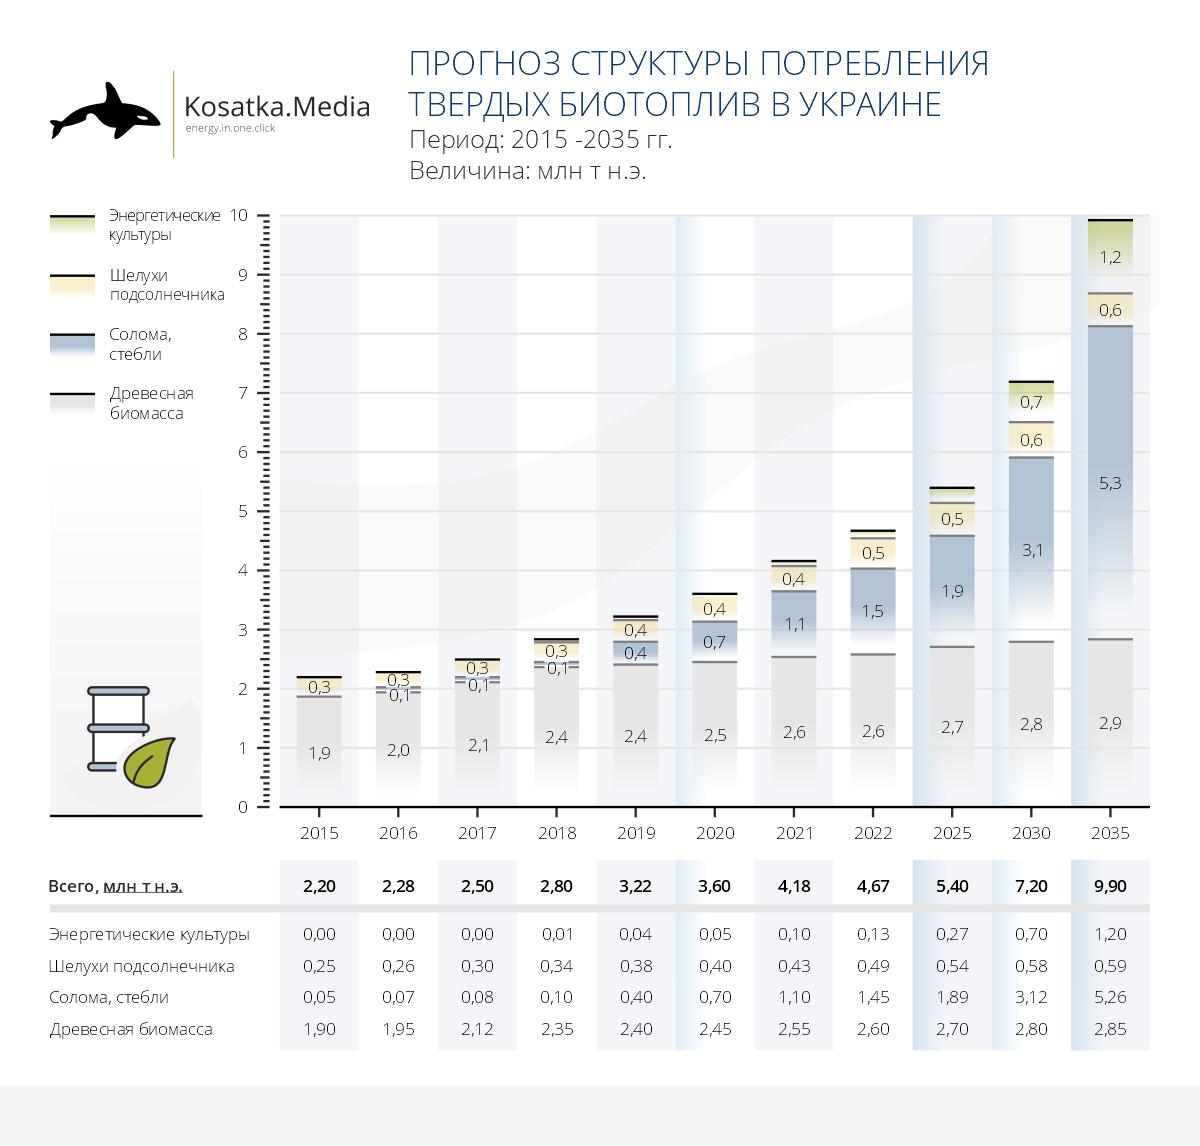 Украина может уменьшить импорт газа в 5 раз через 15 лет